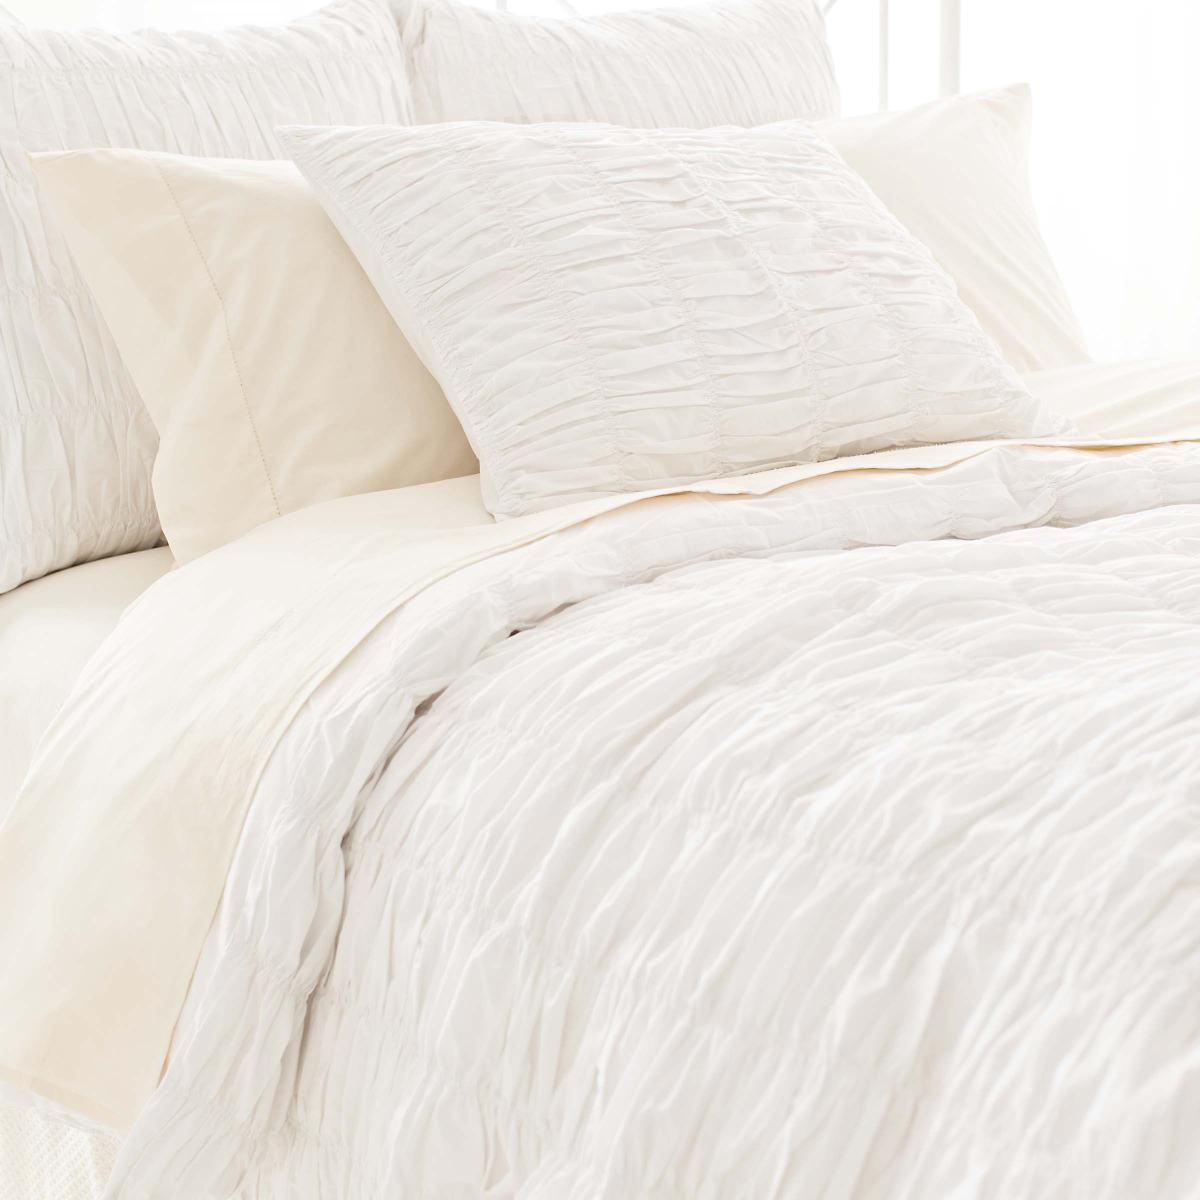 Smocked White Duvet Cover